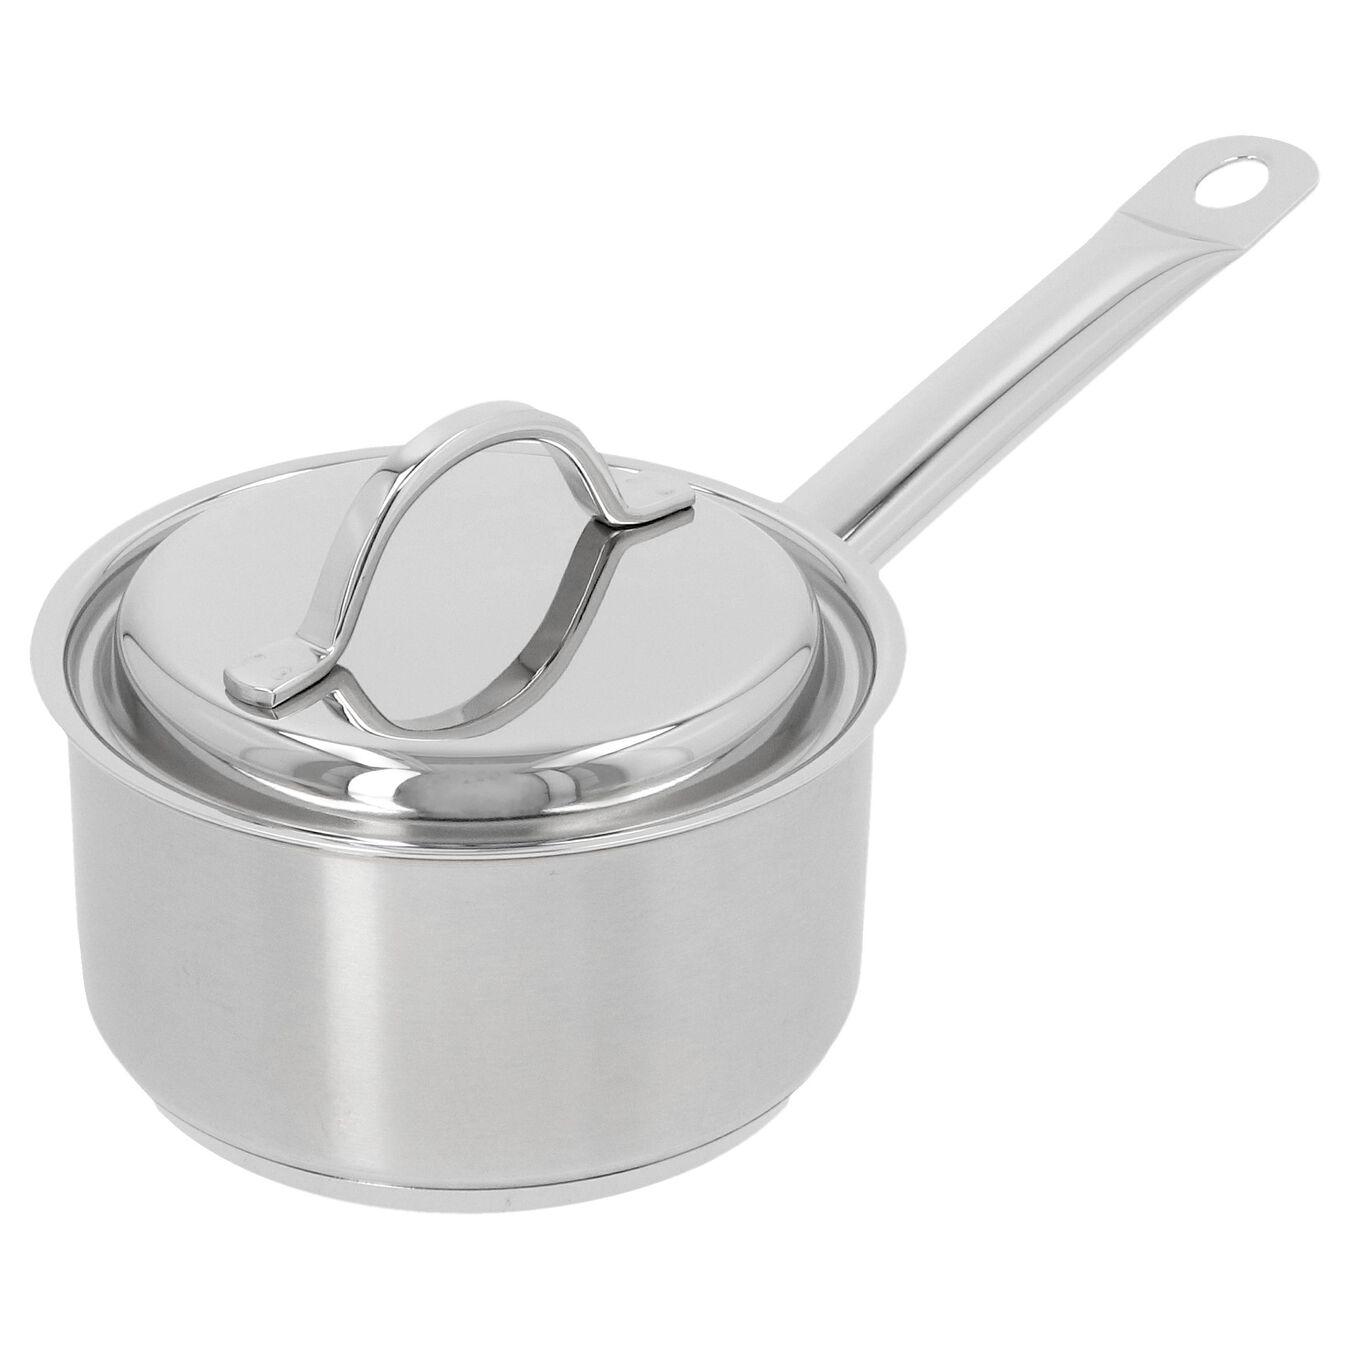 Steelpan met deksel 14 cm / 1 l,,large 2